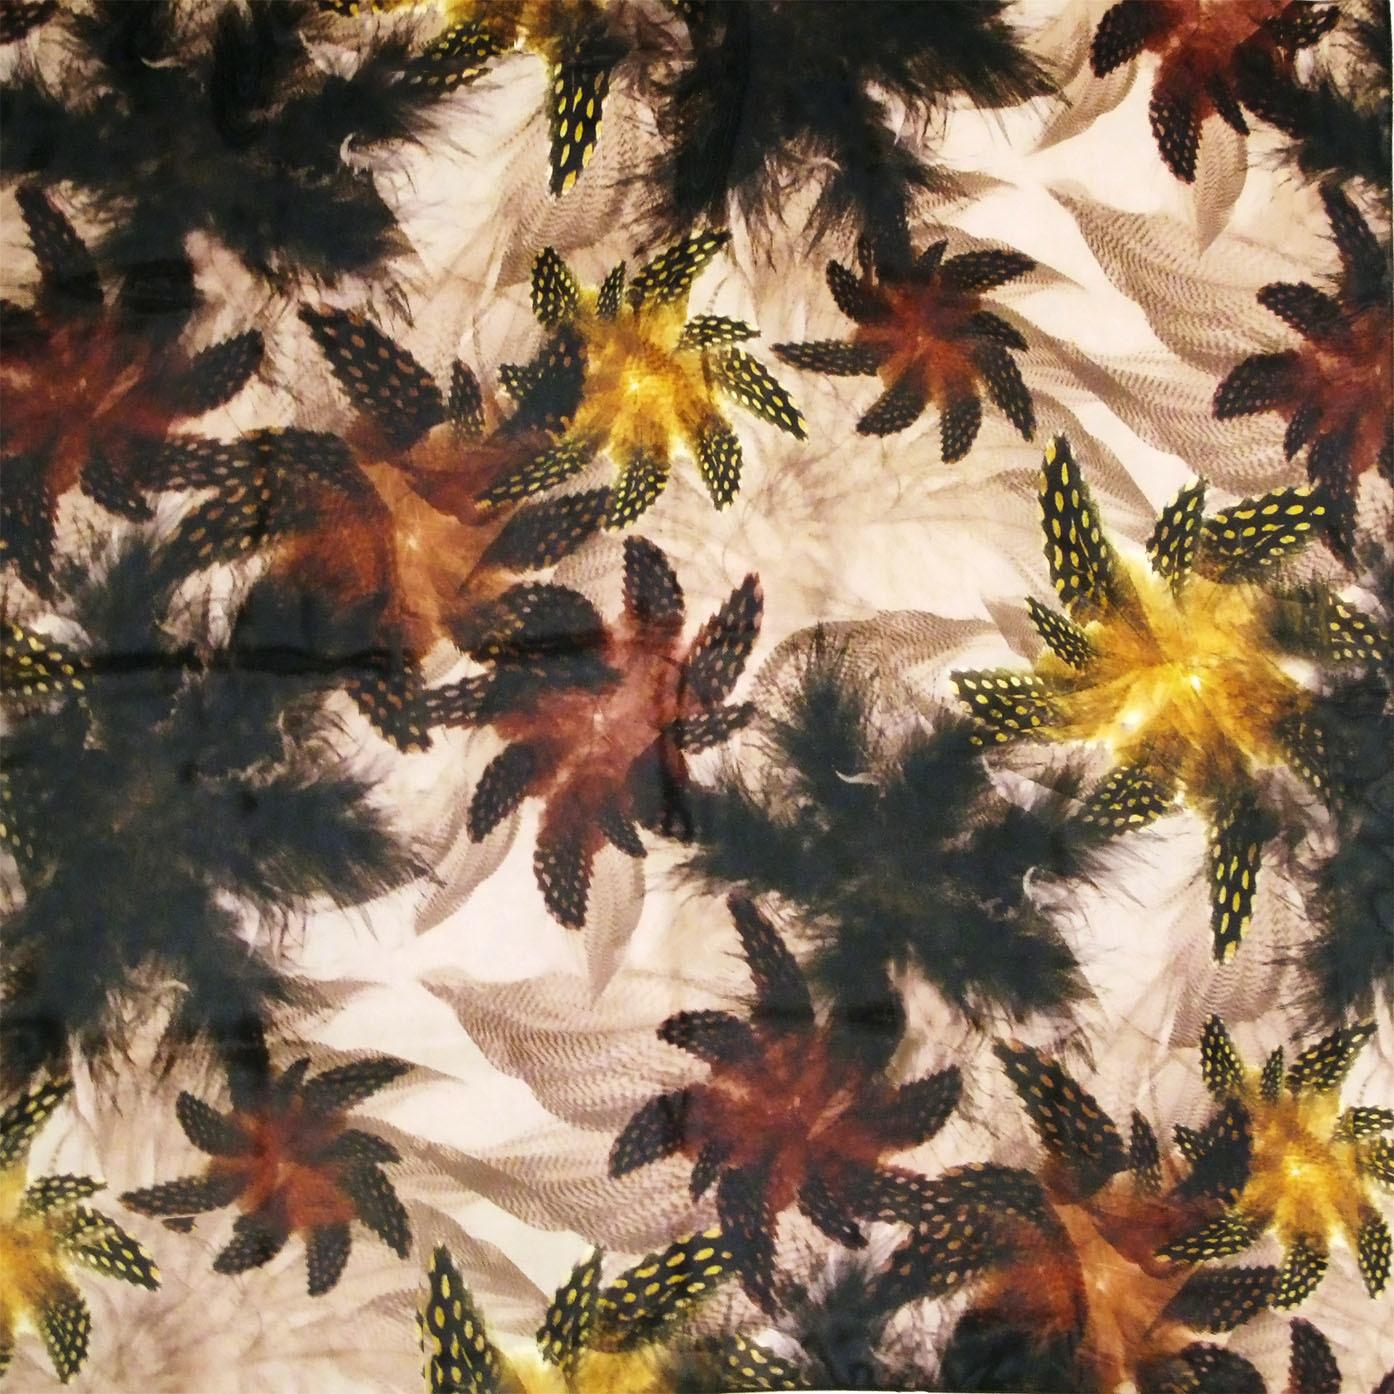 Платок У004-549 - Шейный платок или шарф является аксессуаром, который всегда в состоянии добавить стиля и элегантности любому образу. Платок выполнен в цветочном принте, напоминающим осенний пейзаж из 100 % полиэстера. Шарф или шейный платок является неотъемлемой частью одежды современного человека. Зимой шарф способен защитить от холода, добавив комфорта, а летом, тонкий шарфик или платок способен добавить шарма и индивидуальности.